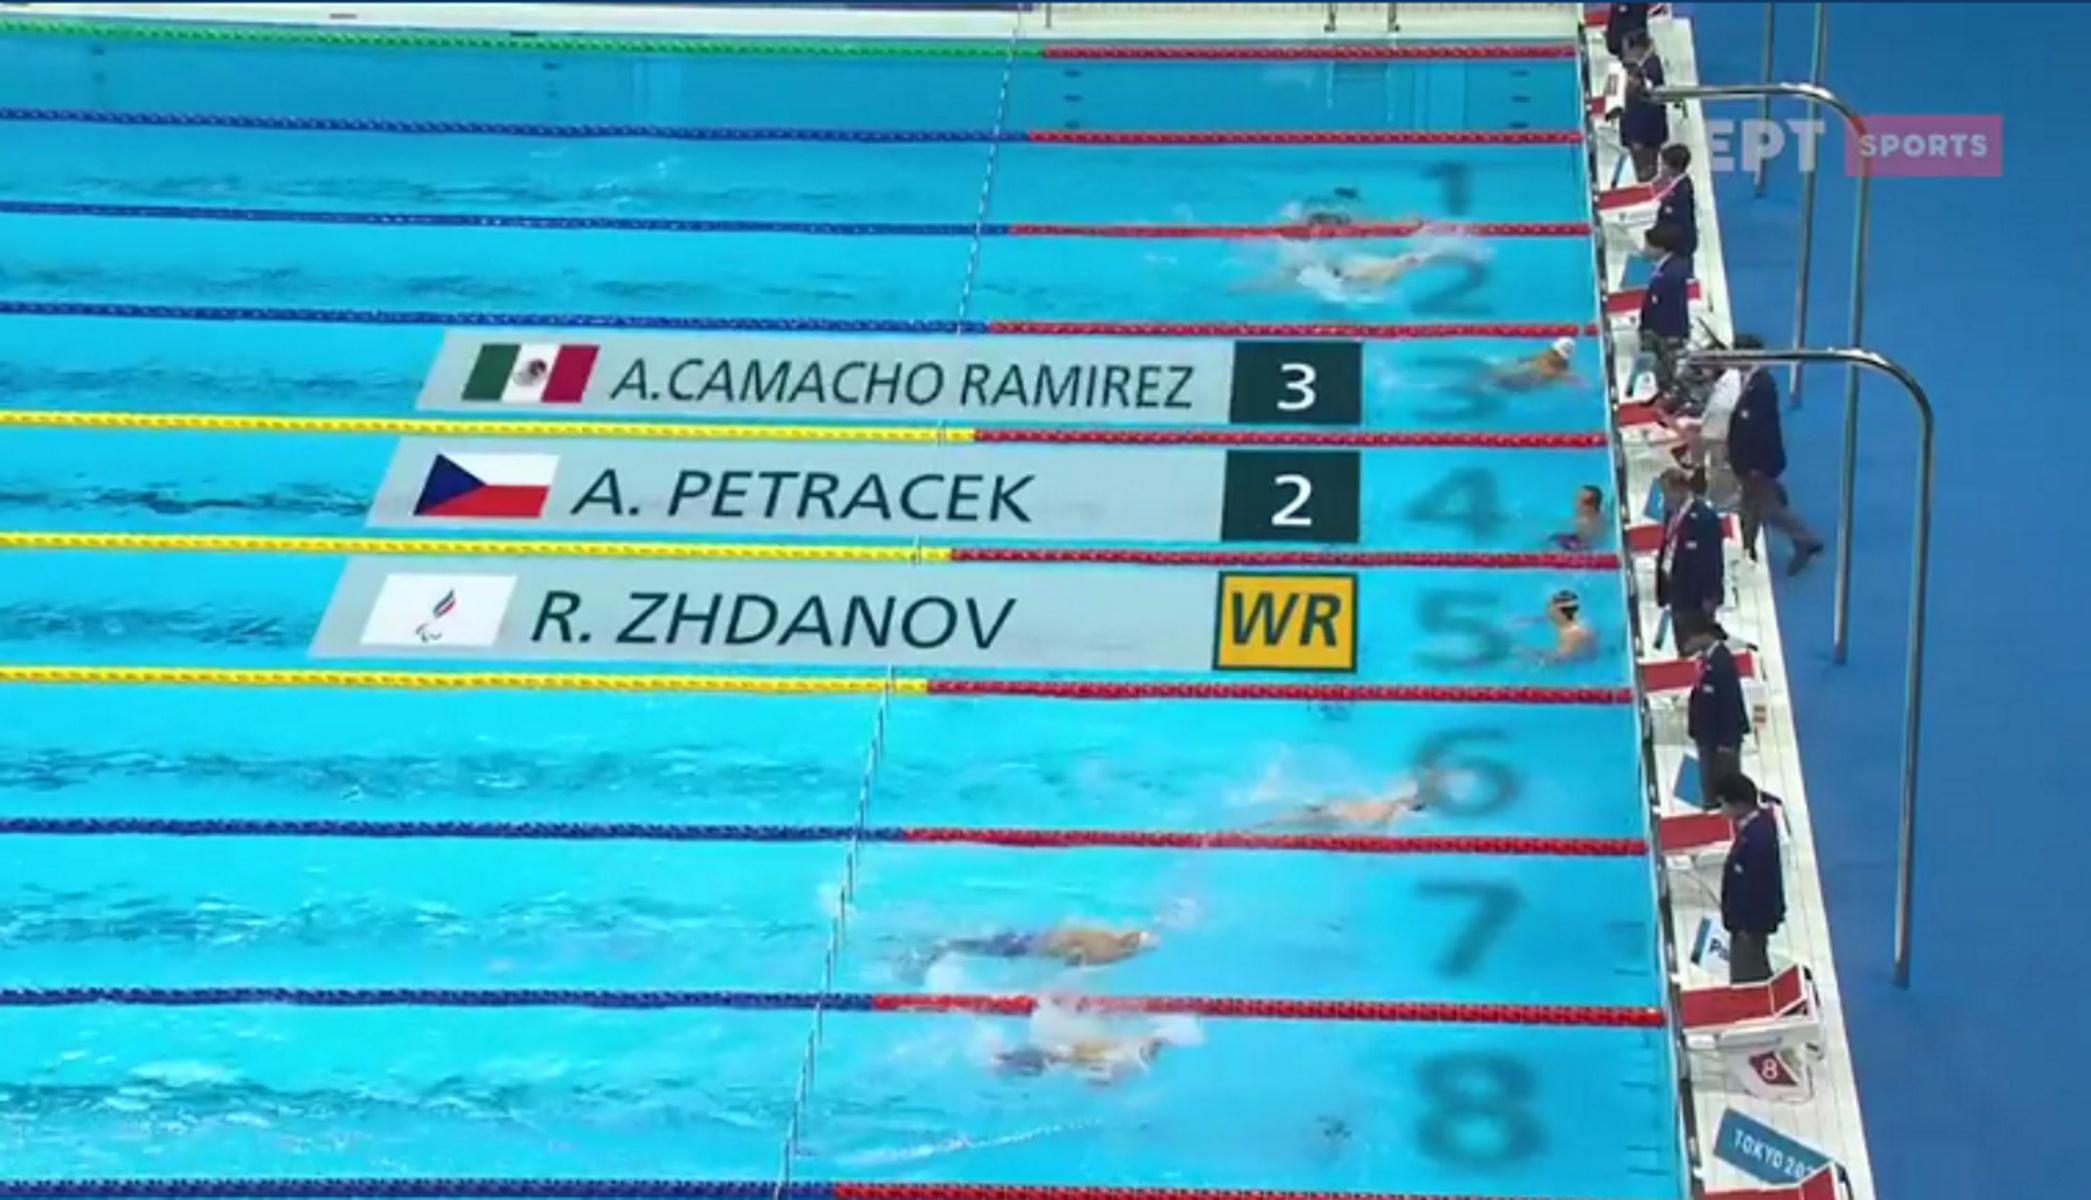 Παραολυμπιακοί Αγώνες: Συγκλονιστική κούρσα στα 50μ. ύπτιο S4 των ανδρών